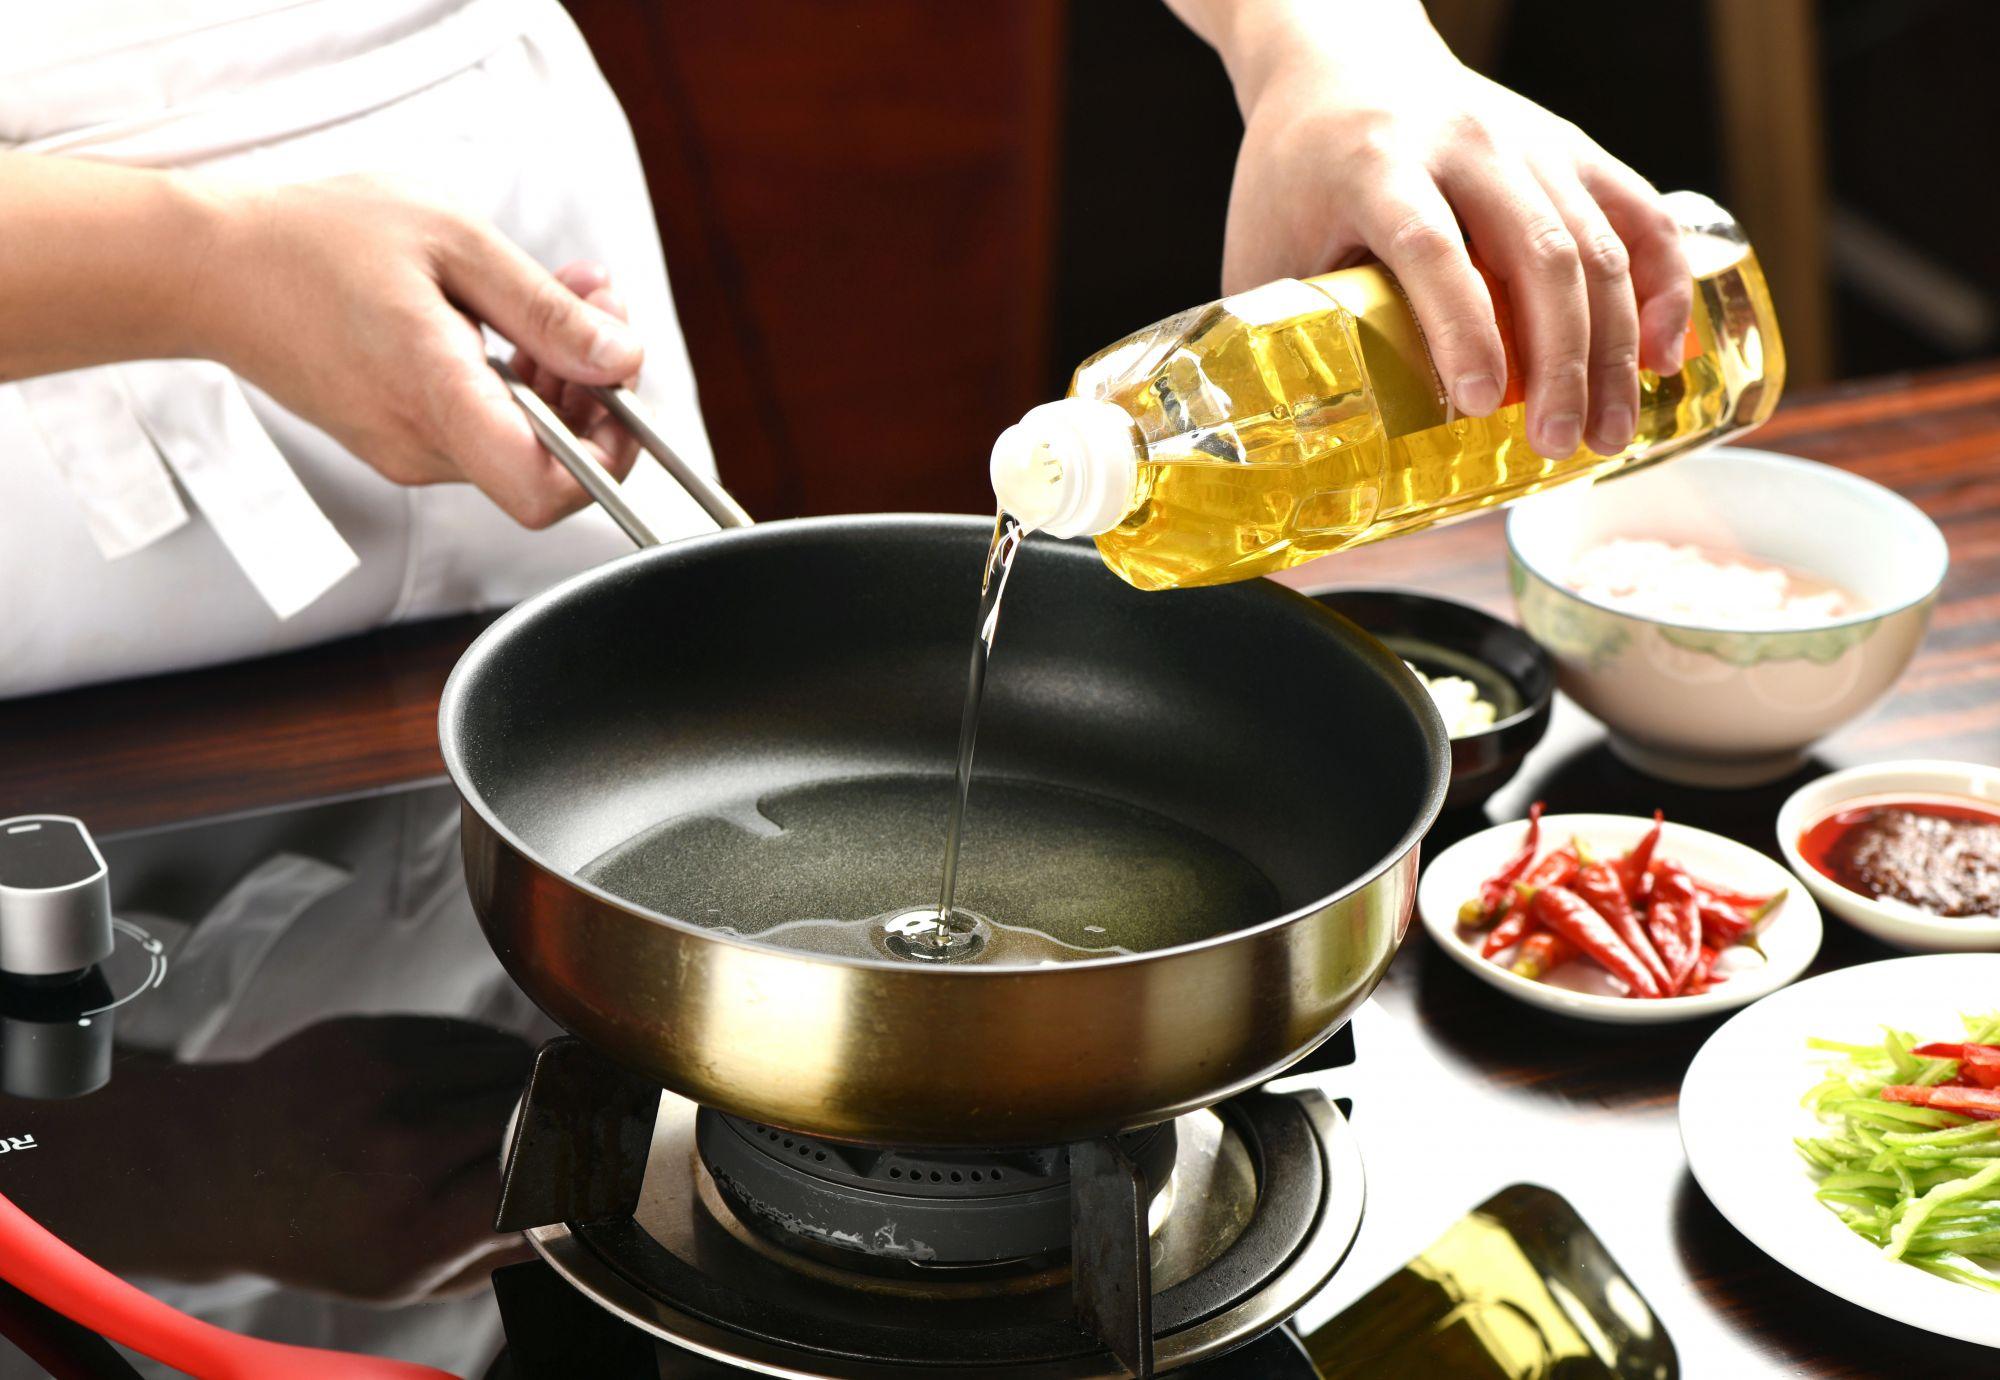 食用油:一油到底,伤味又伤身